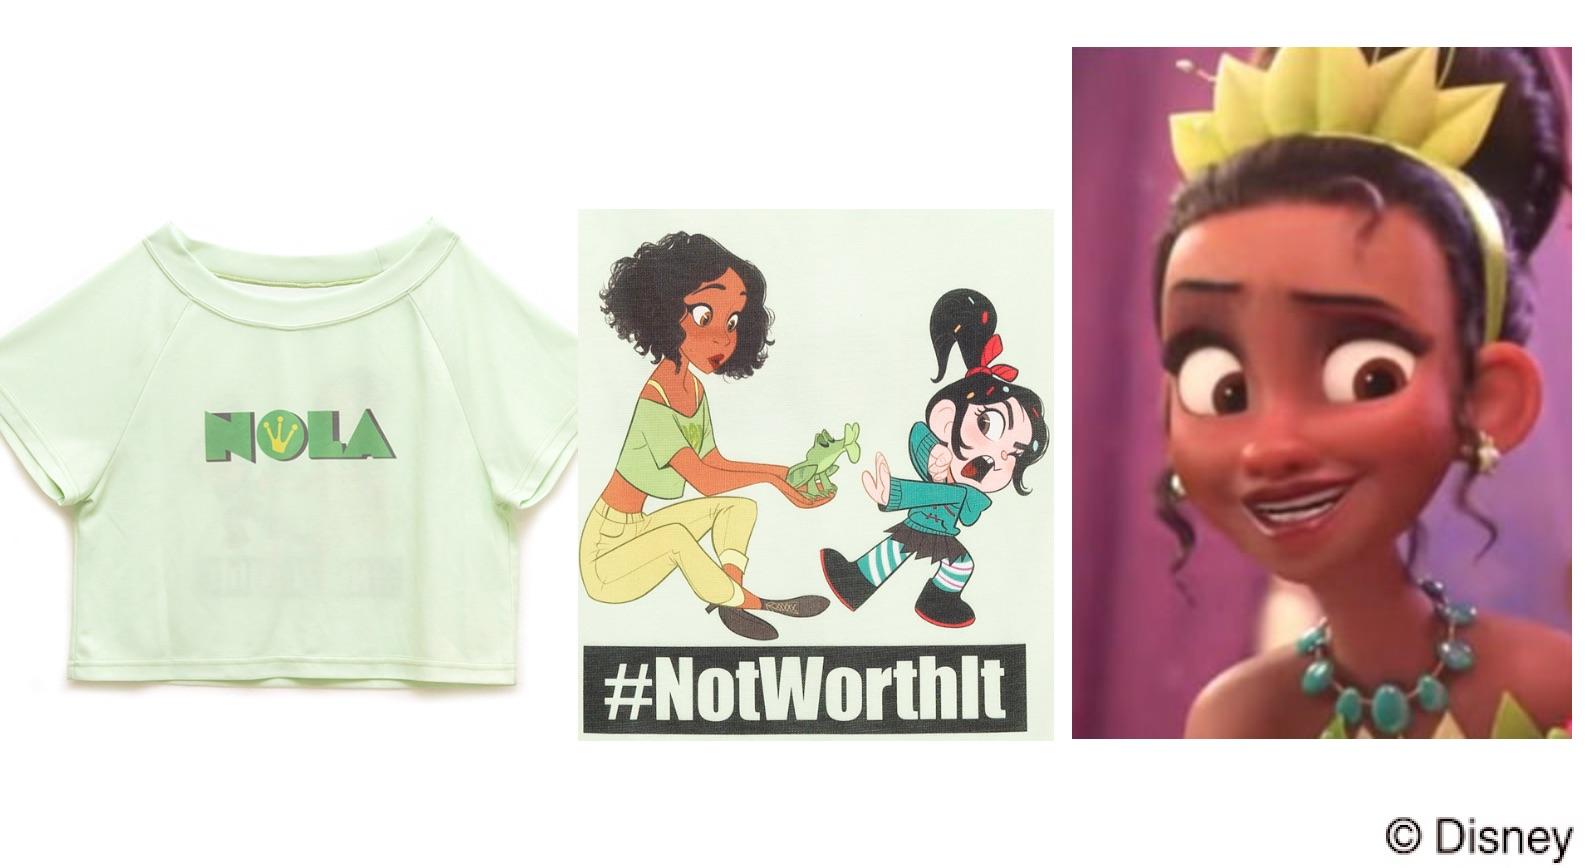 ティアナ(プリンセスと魔法のキス)シュガーラッシュオンライン、プリンセスの私服Tシャツに隠された意味って?